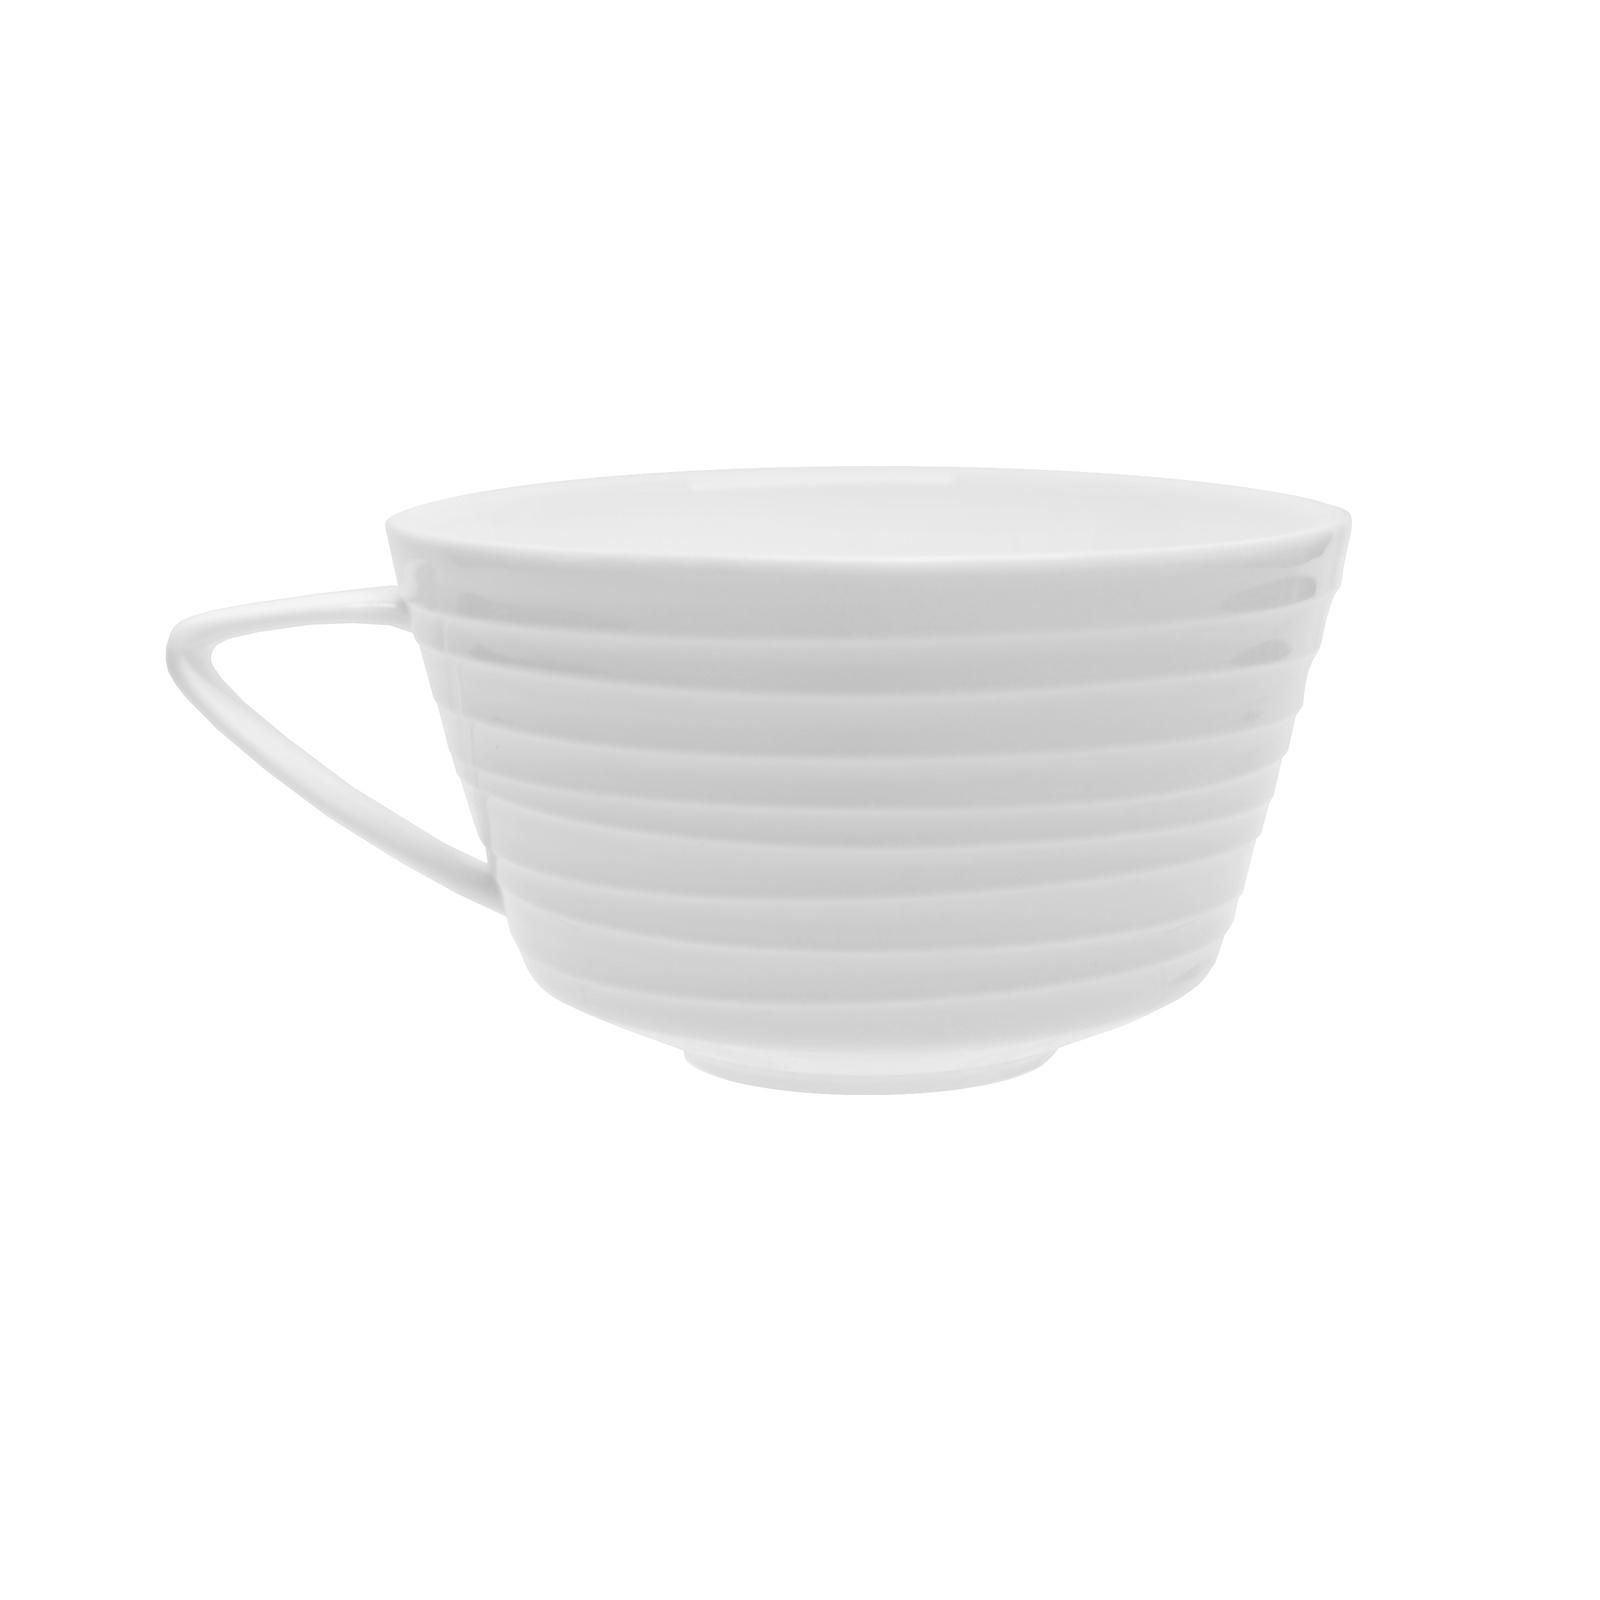 Чашка чайная TUDOR ENGLANDRoyal Circle 300 млTU2109Фарфор Tudor England – идеальное посудное решение для любой семьи или ресторана благодаря доступной цене, отличному внешнему виду и высокому качеству, прочности и долговечности, привлекательному дизайну и большому ассортименту на выбор. Важным преимуществом является возможность использования в микроволновой печи, духовке (до 280 градусов) и мытья в посудомоечной машине. Линейка Tudor Ware производилась с 1828 года, поэтому фарфор Tudor England является наследником традиций, навыков и технологий ушедших поколений, что отражается в каждой из наших фарфоровых коллекций.